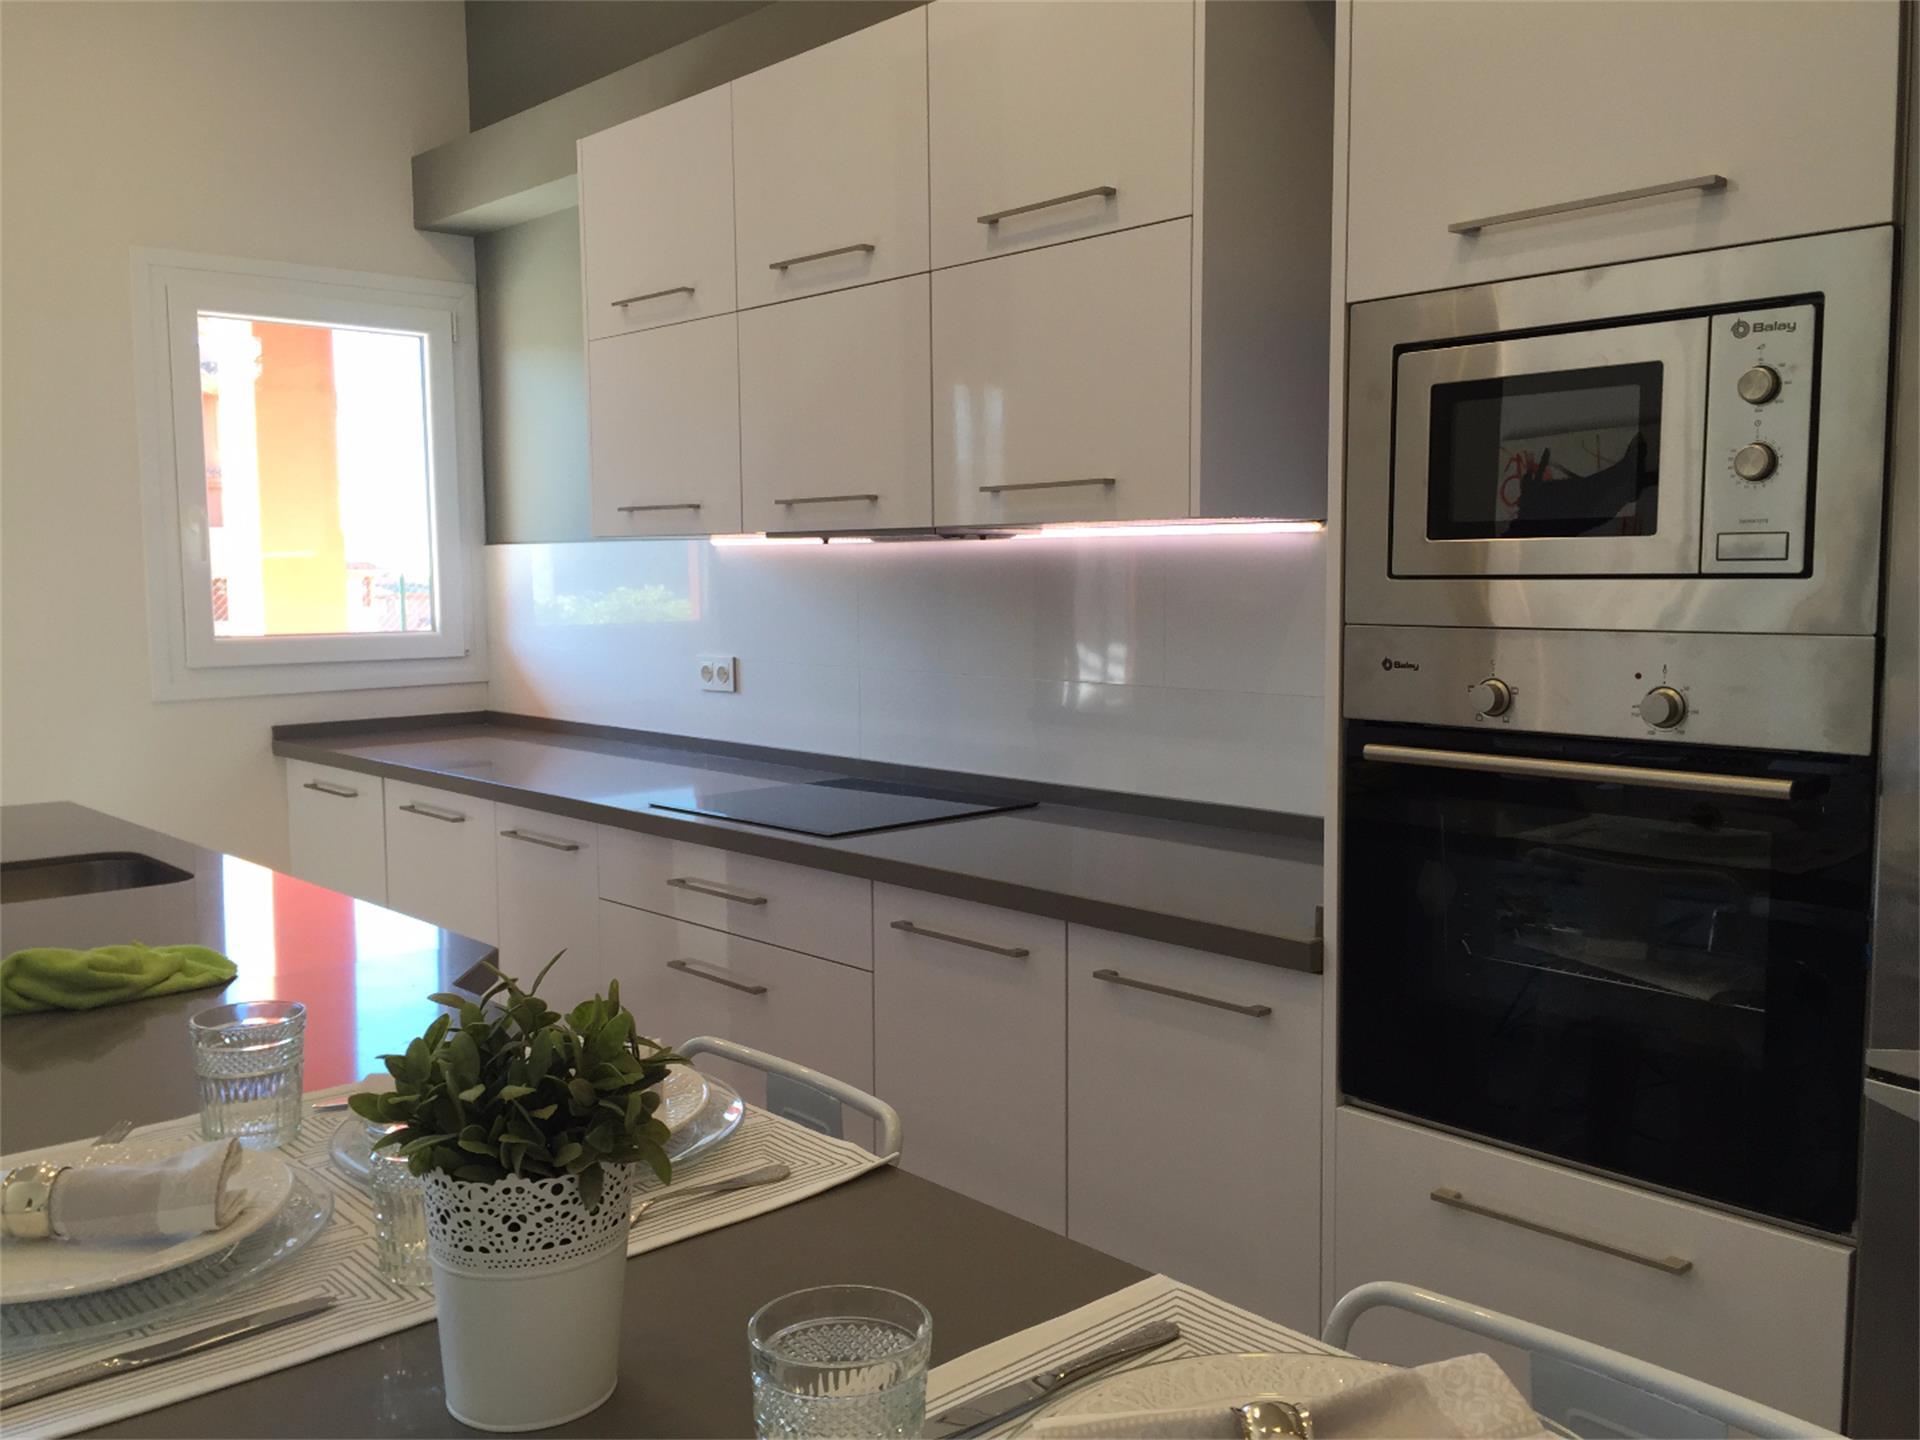 Milanuncios muebles de cocina segunda mano alicante for Milanuncios muebles de segunda mano en valencia